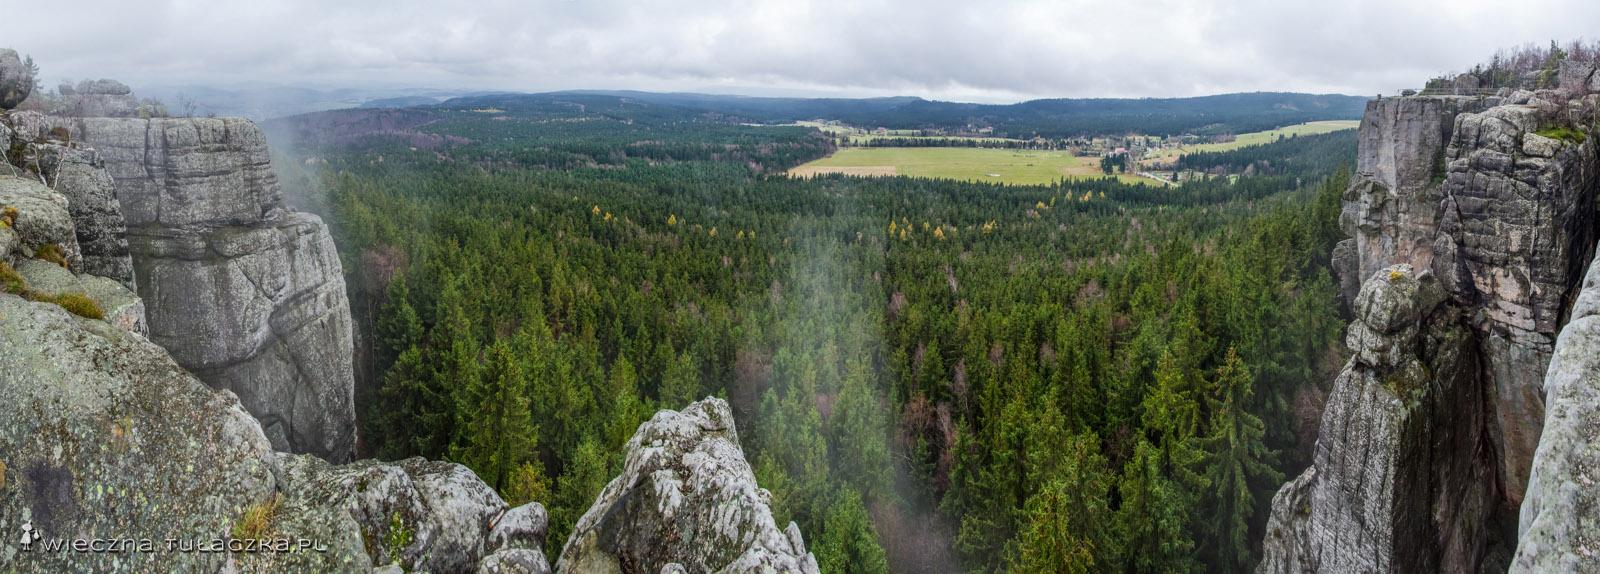 Panorama z tarasów południowo-wschodnich